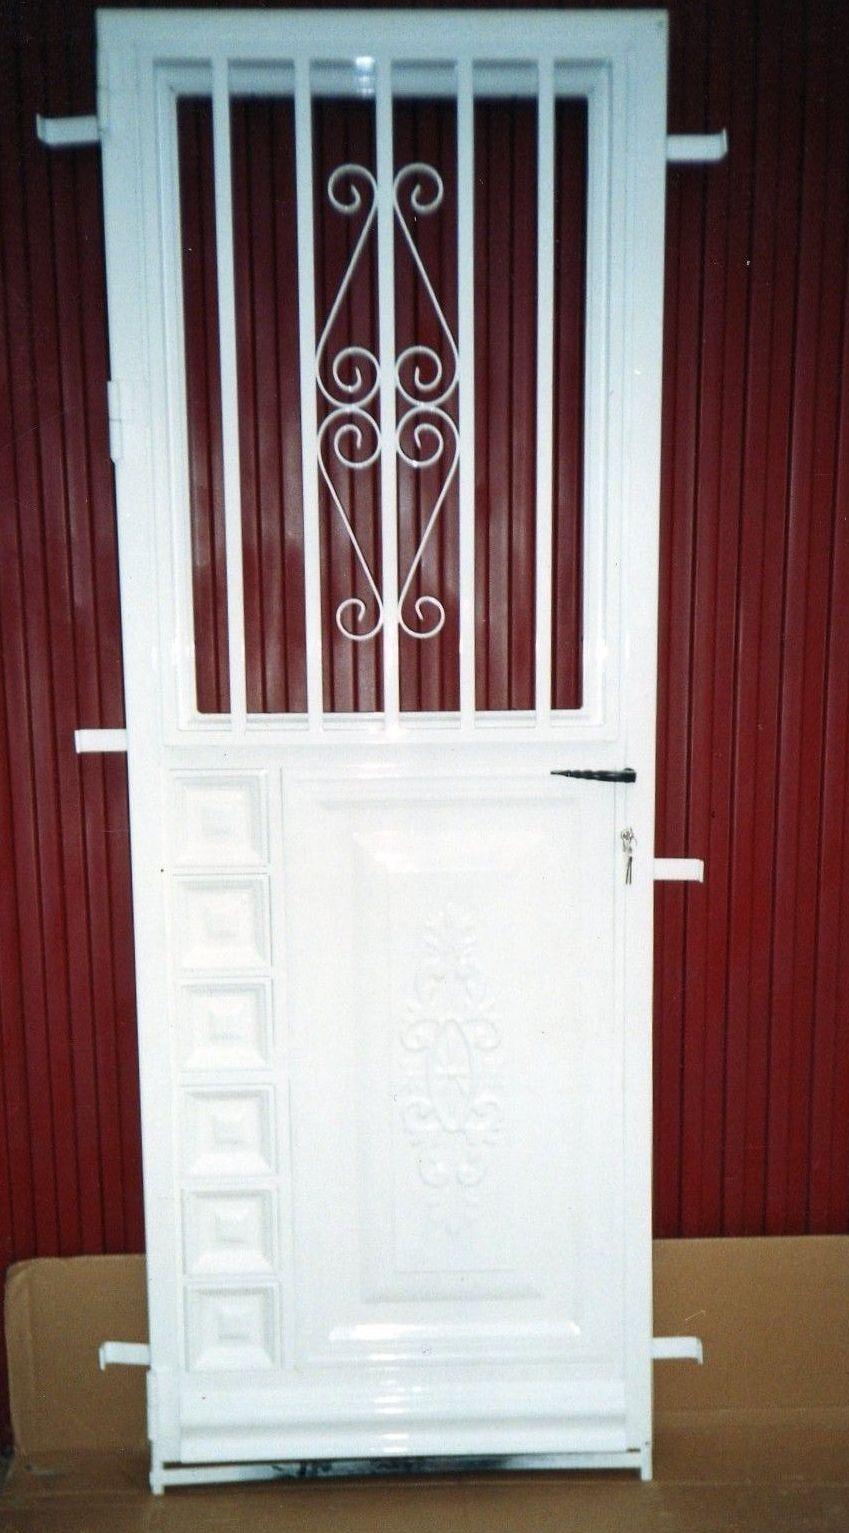 P4 - Puerta residencial con ventanillo abatible, acristalado.